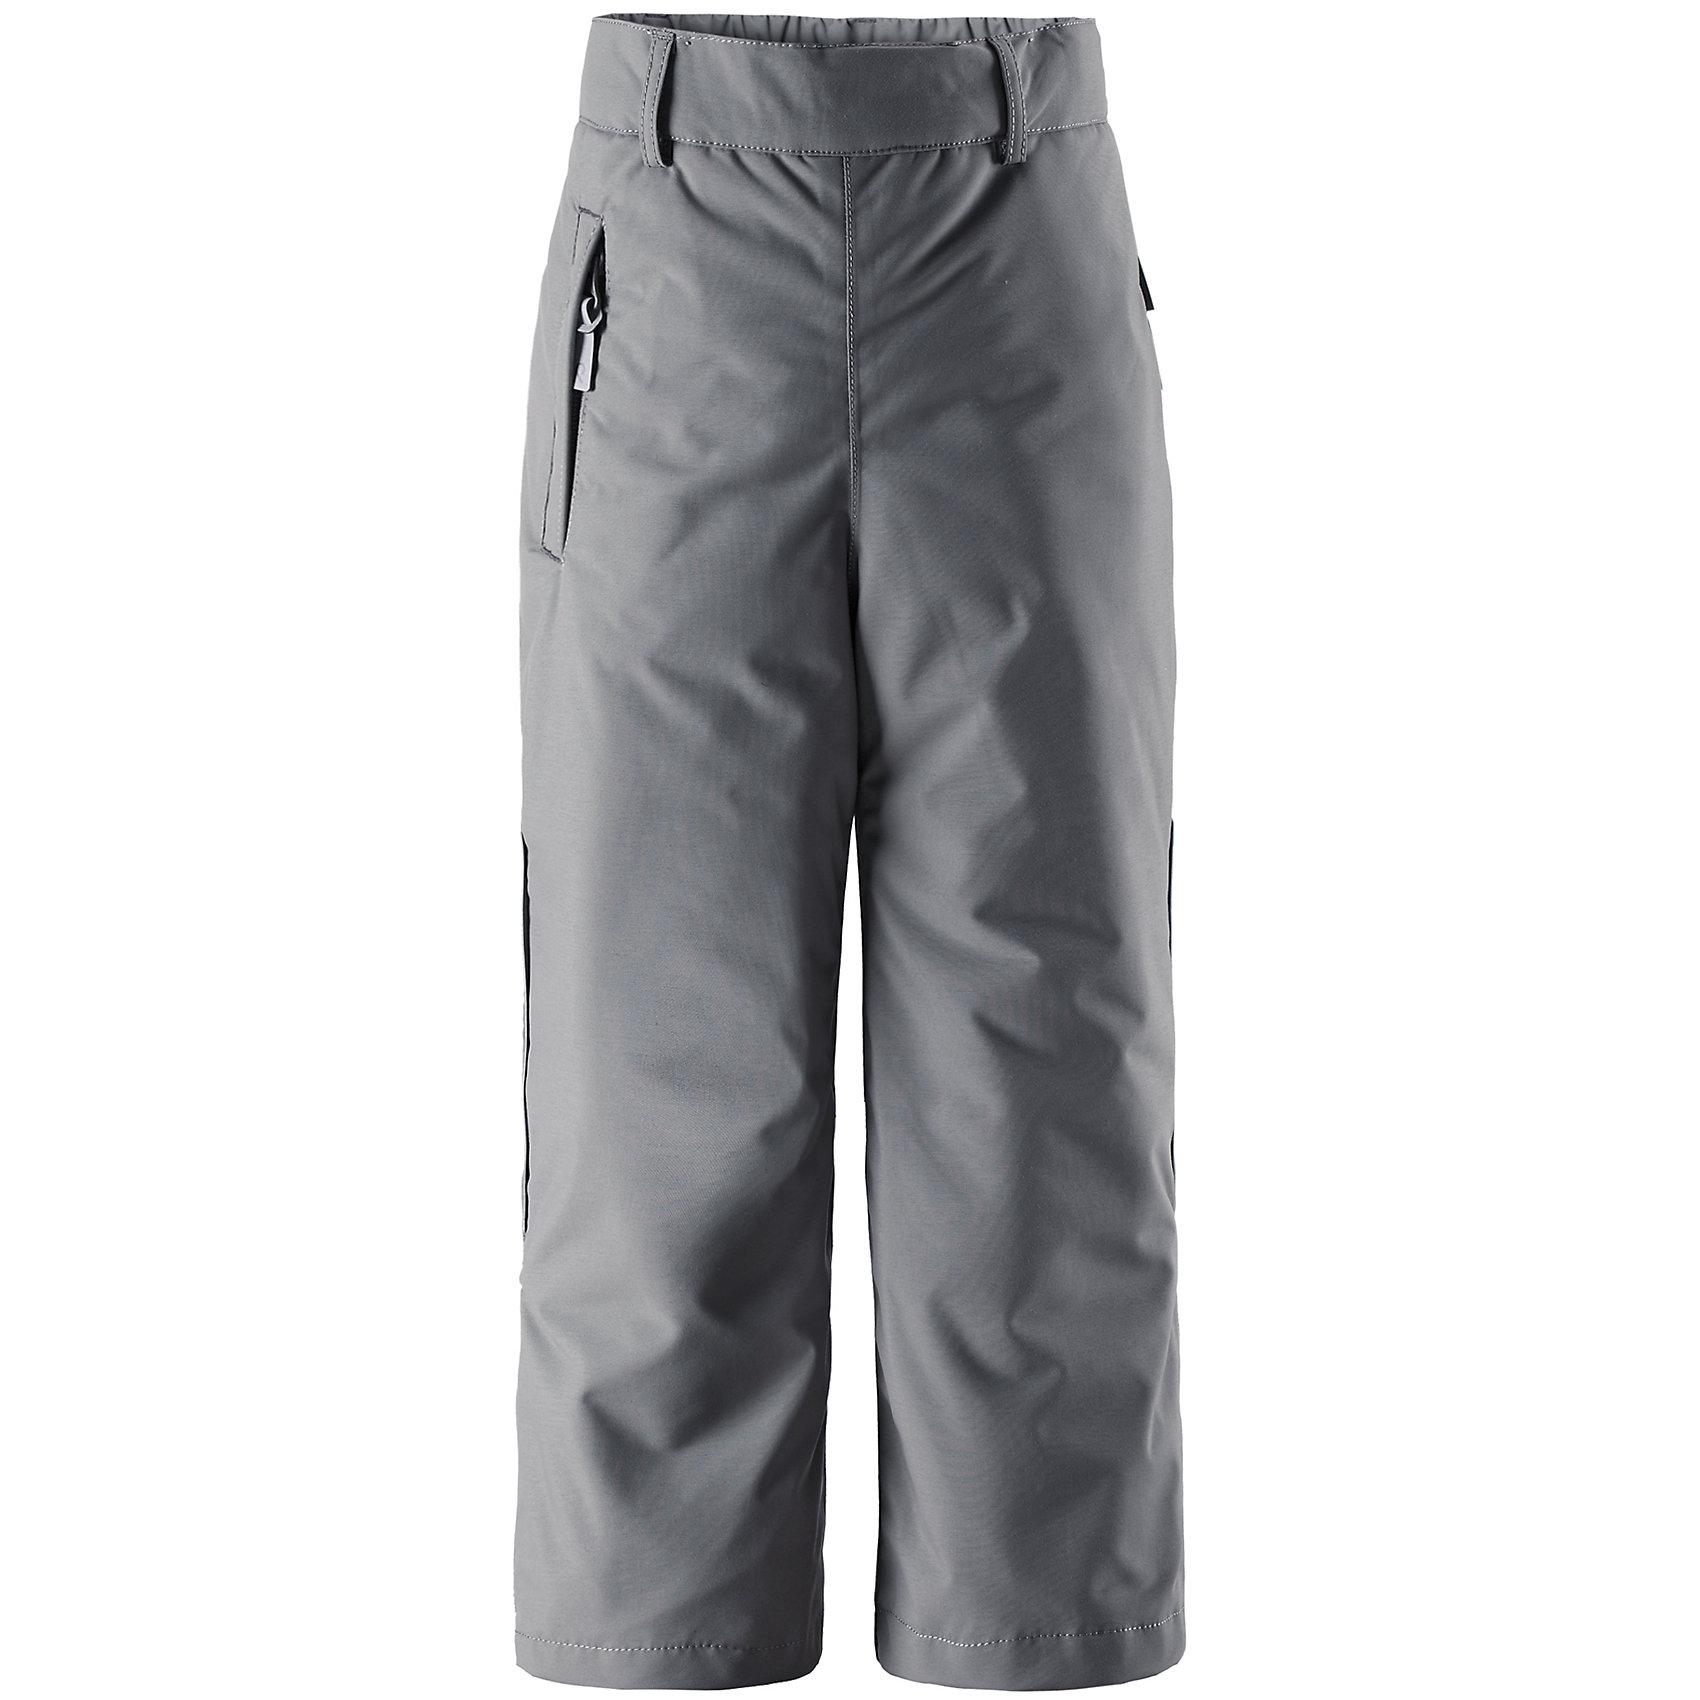 Брюки Reimatec ReimaЭтой зимой популярные сверхпрочные брюки из коллекции ORIGINALS имеют еще более просторный покрой! Благодаря водо- и ветронепроницаемому дышащему материалу, из которого сделаны эти свободные зимние брюки, детям будет комфортно играть на улице, они не замерзнут и не вспотеют. Пояс можно регулировать, чтобы брюки плотнее прилегали к фигуре. Прямые брючины с регулируемыми шлицами на концах хорошо лягут поверх ботинок. Блокировка от снега на концах брючин защитит ножки от холодных снежных сюрпризов. К концам брючин можно пристегнуть блокировку от снега, чтобы они не соскальзывали с обуви. Прочные силиконовые подтяжки позволяют ножкам всегда оставаться на месте. В карманы на молнии можно положить всё необходимое, когда пойдёте на прогулку. Эти брюки можно сушить в центрифуге. Кто первым взберется на вершину?<br><br>Дополнительная информация:<br><br>Температурный режим: до -20<br>Средняя степень утепления: 120 г<br>Водонепроницаемые зимние брюки для детей постарше, модель ORIGINAL<br>Свободный покрой, размер плюс<br>Все швы проклеены, водонепроницаемы<br>Прочный материал<br>Один карман на молнии<br>Регулируемая талия<br>Низ брючин регулируется с помощью липучки<br>Низ брючин застегивается на кнопку для блокировки от снега<br><br>Брюки Reimatec (Рейматек) от популярного финского бренда Reima (Рейма) можно купить в нашем магазине.<br><br>Ширина мм: 215<br>Глубина мм: 88<br>Высота мм: 191<br>Вес г: 336<br>Цвет: серый<br>Возраст от месяцев: 96<br>Возраст до месяцев: 108<br>Пол: Унисекс<br>Возраст: Детский<br>Размер: 134,122,146,128,116,110,104,140,152<br>SKU: 4417346